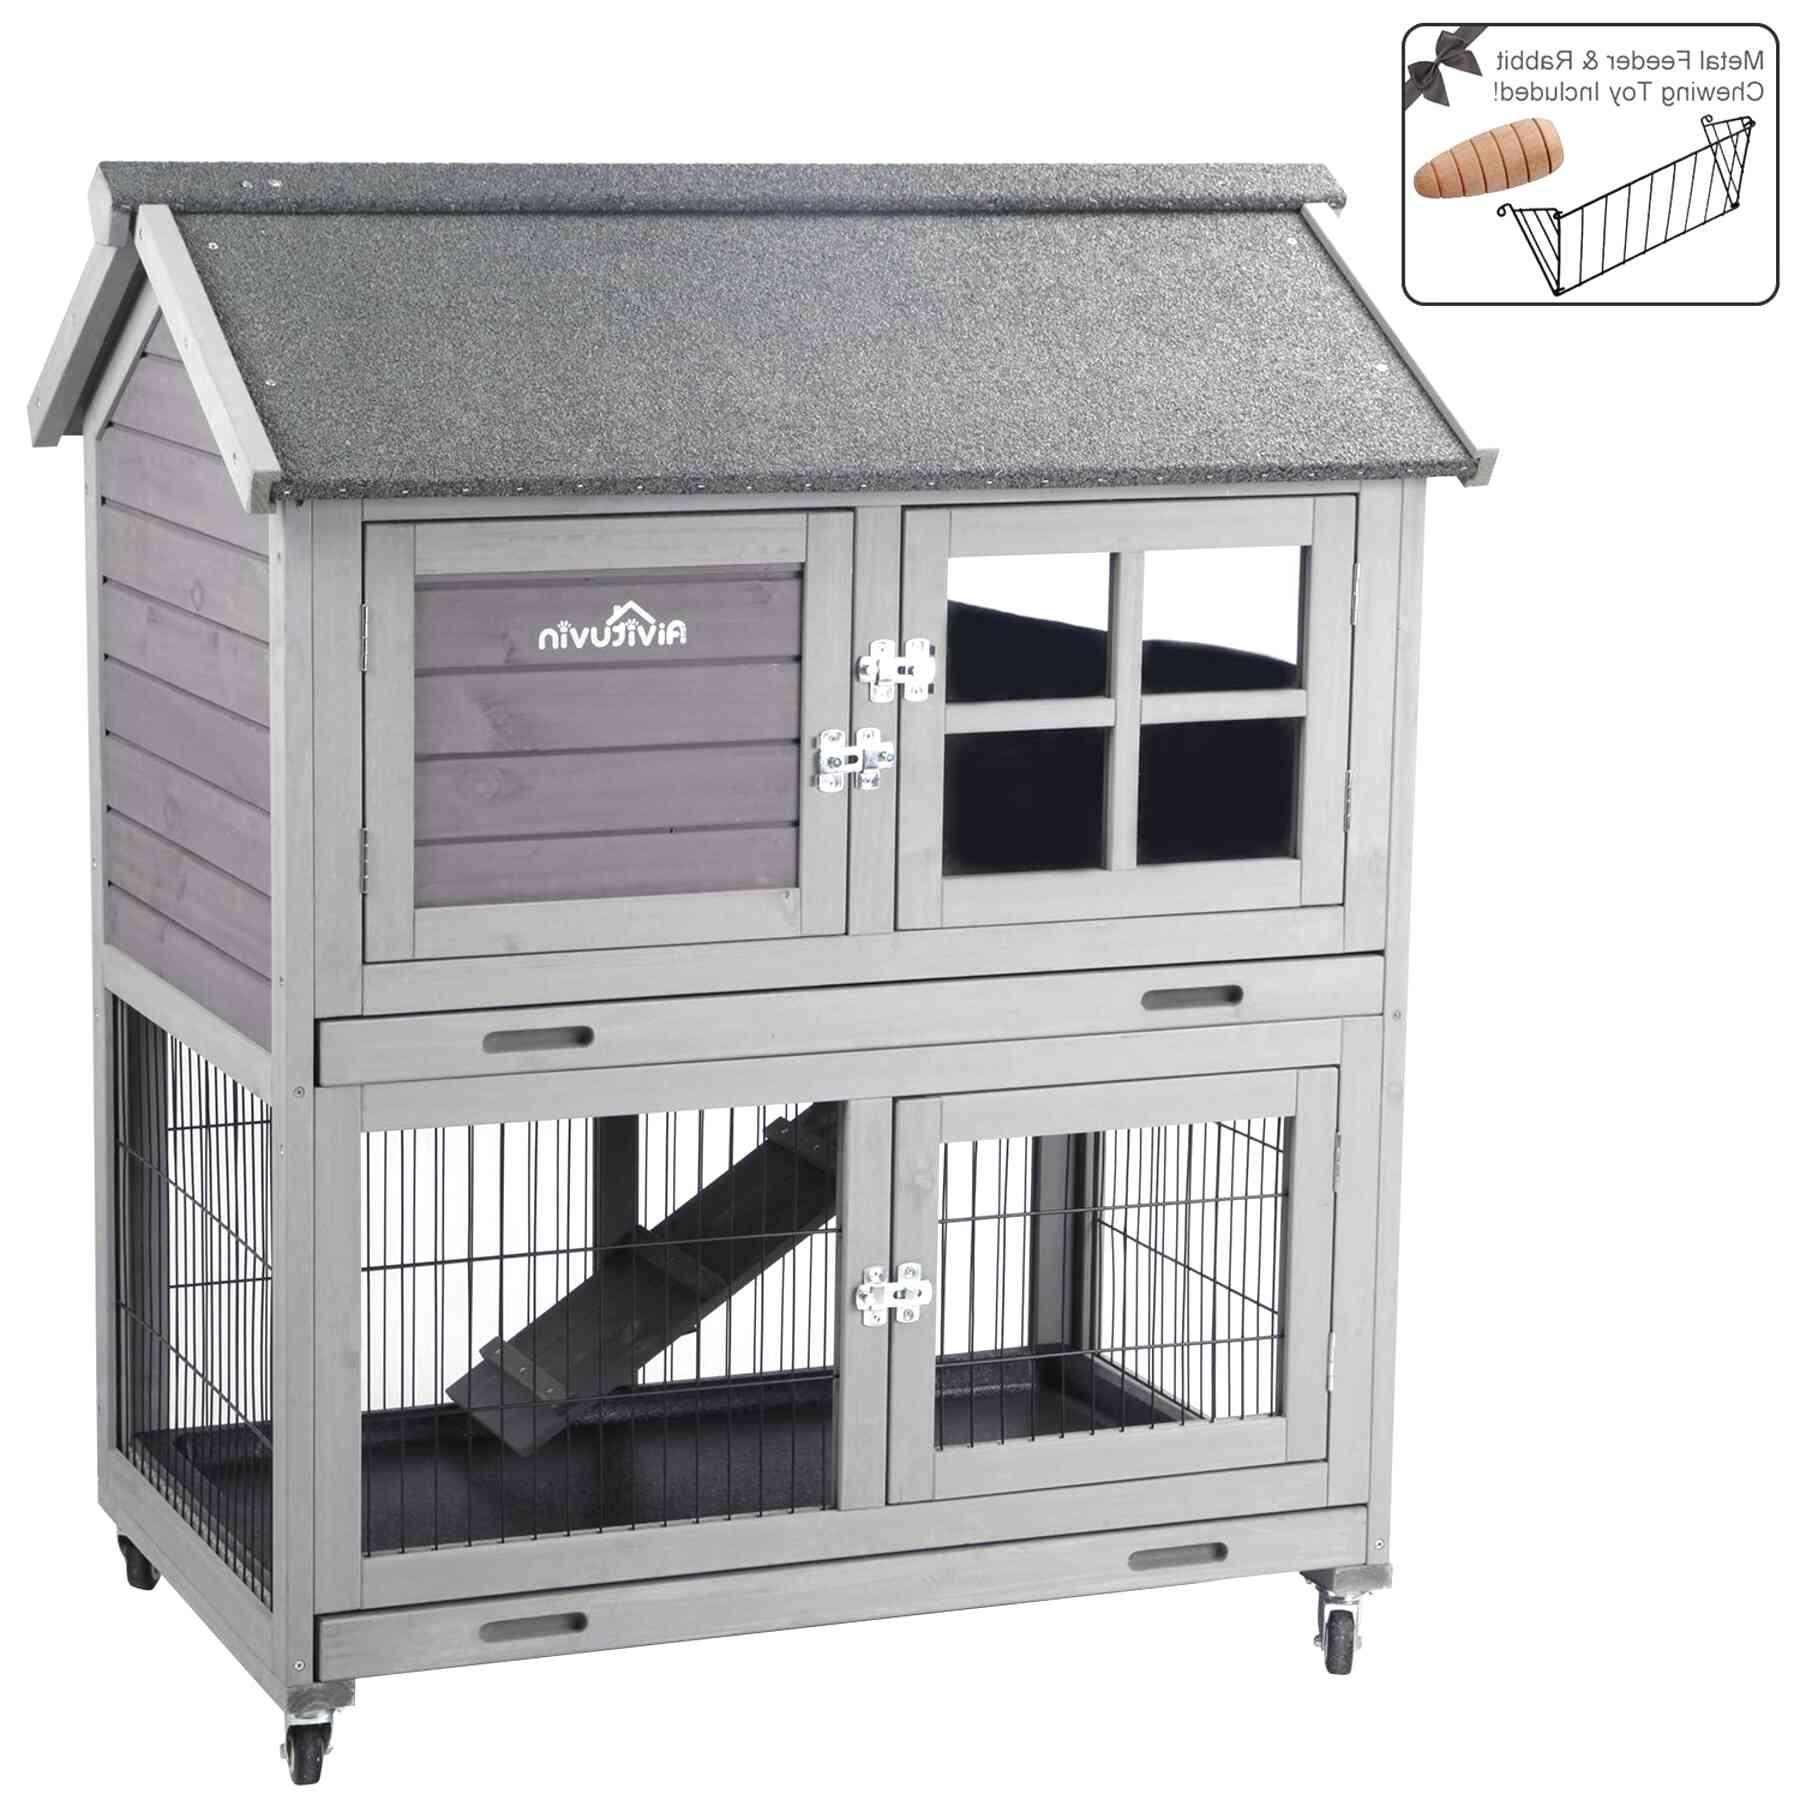 rabbit hutch indoor for sale